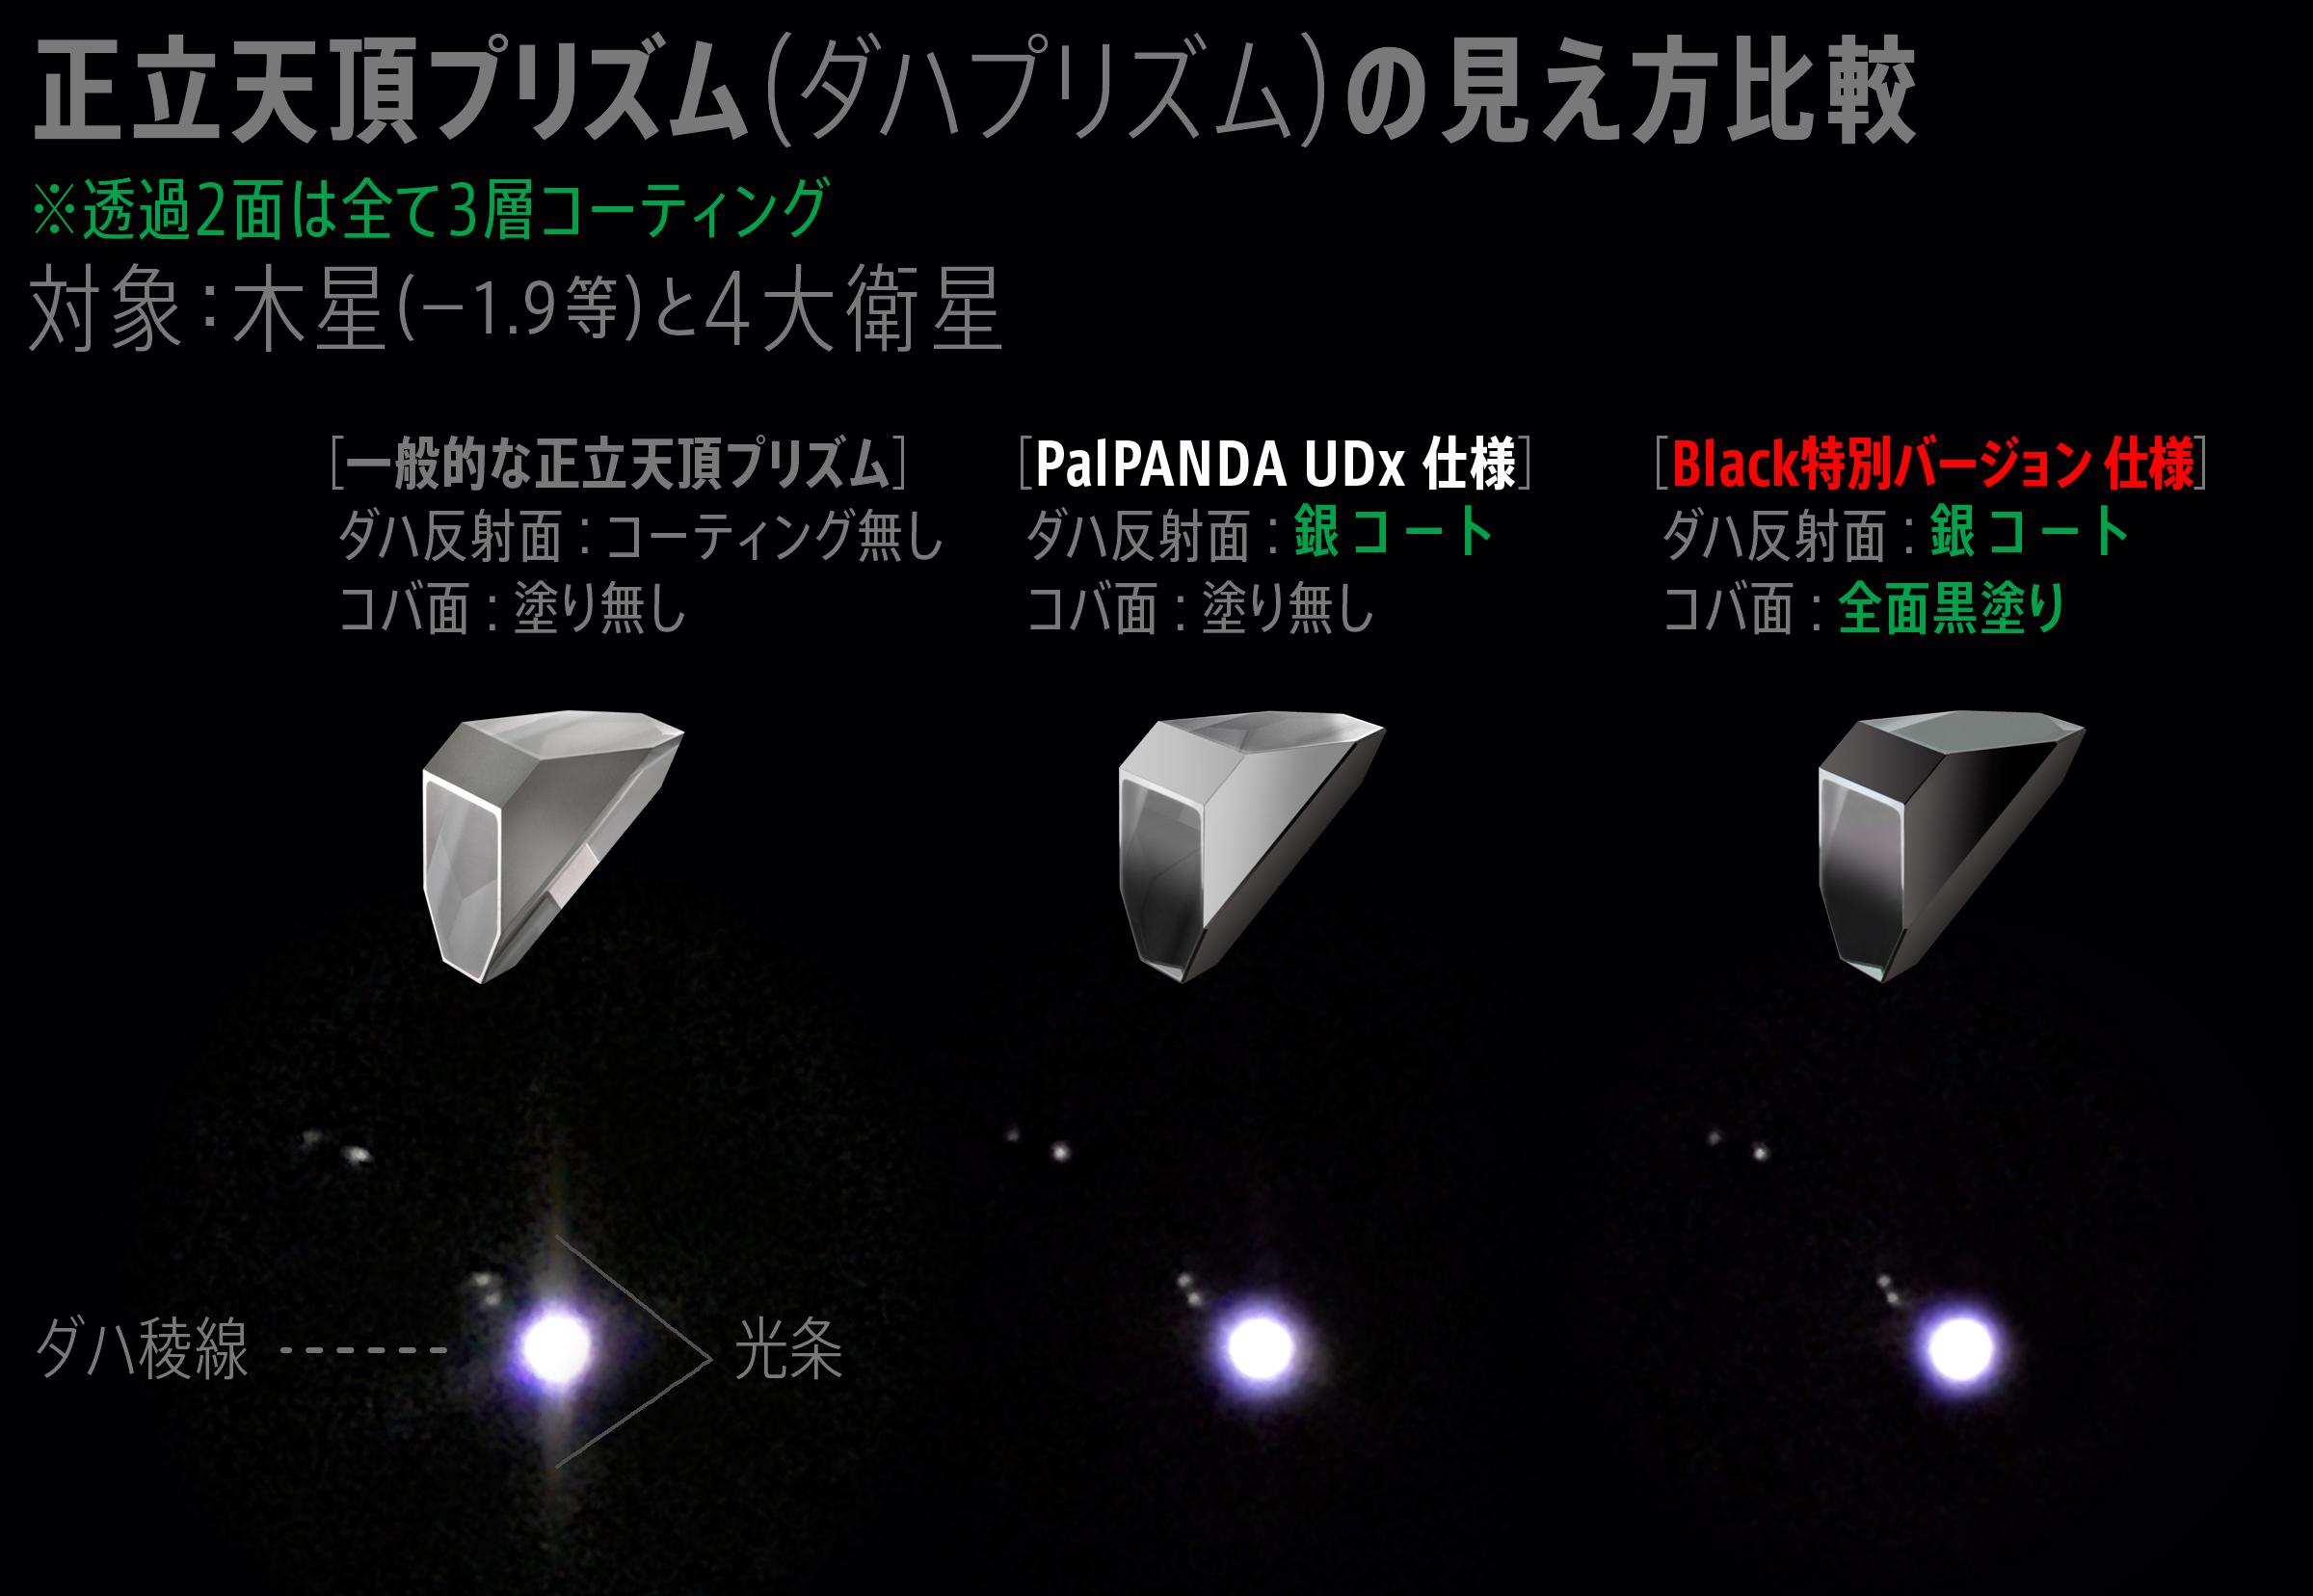 正立天頂プリズム[Black]セット02.jpg